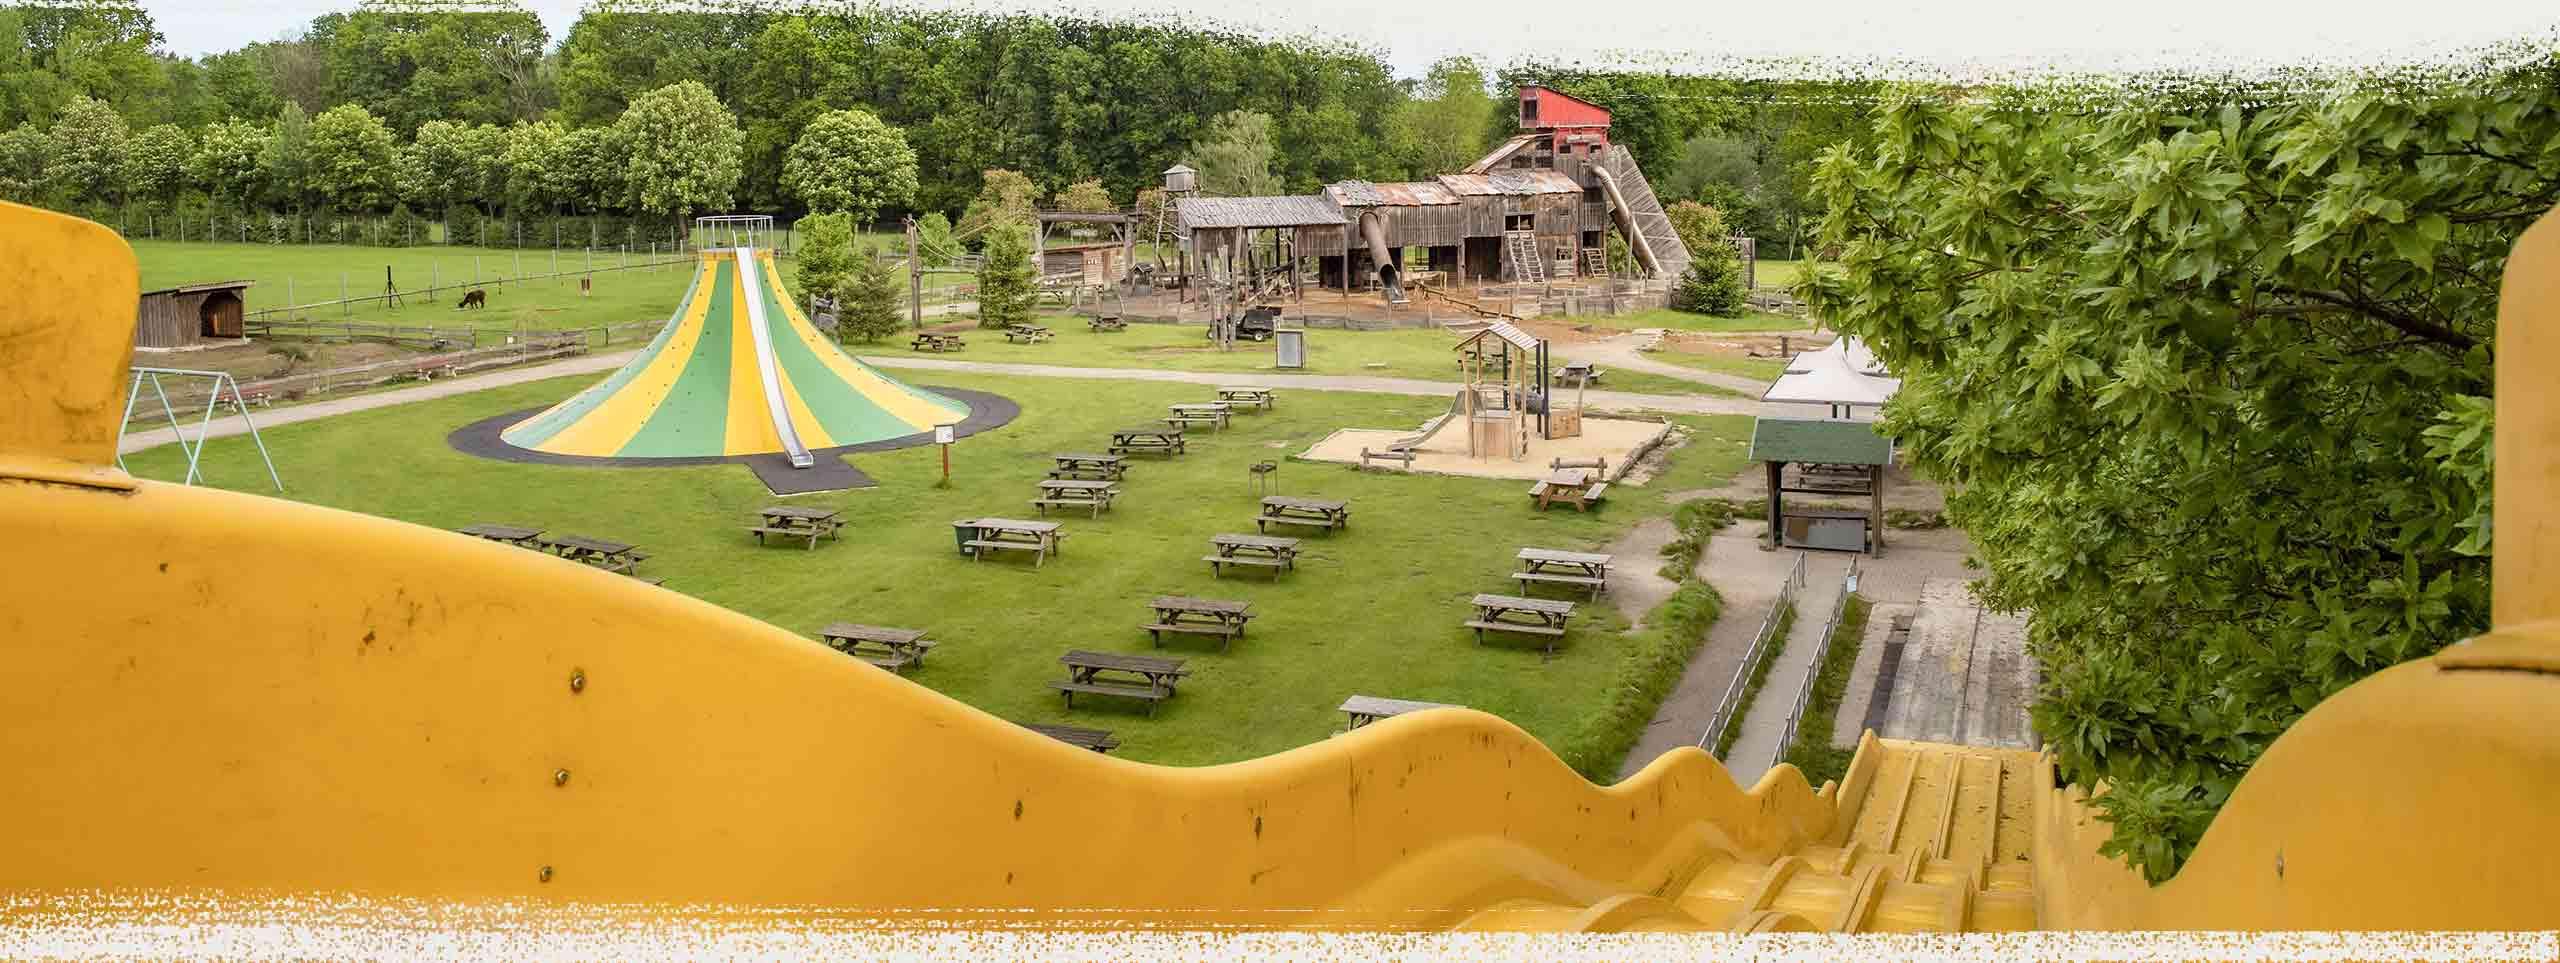 Riesenwasserrutsche, Erlebnis Spielplatz